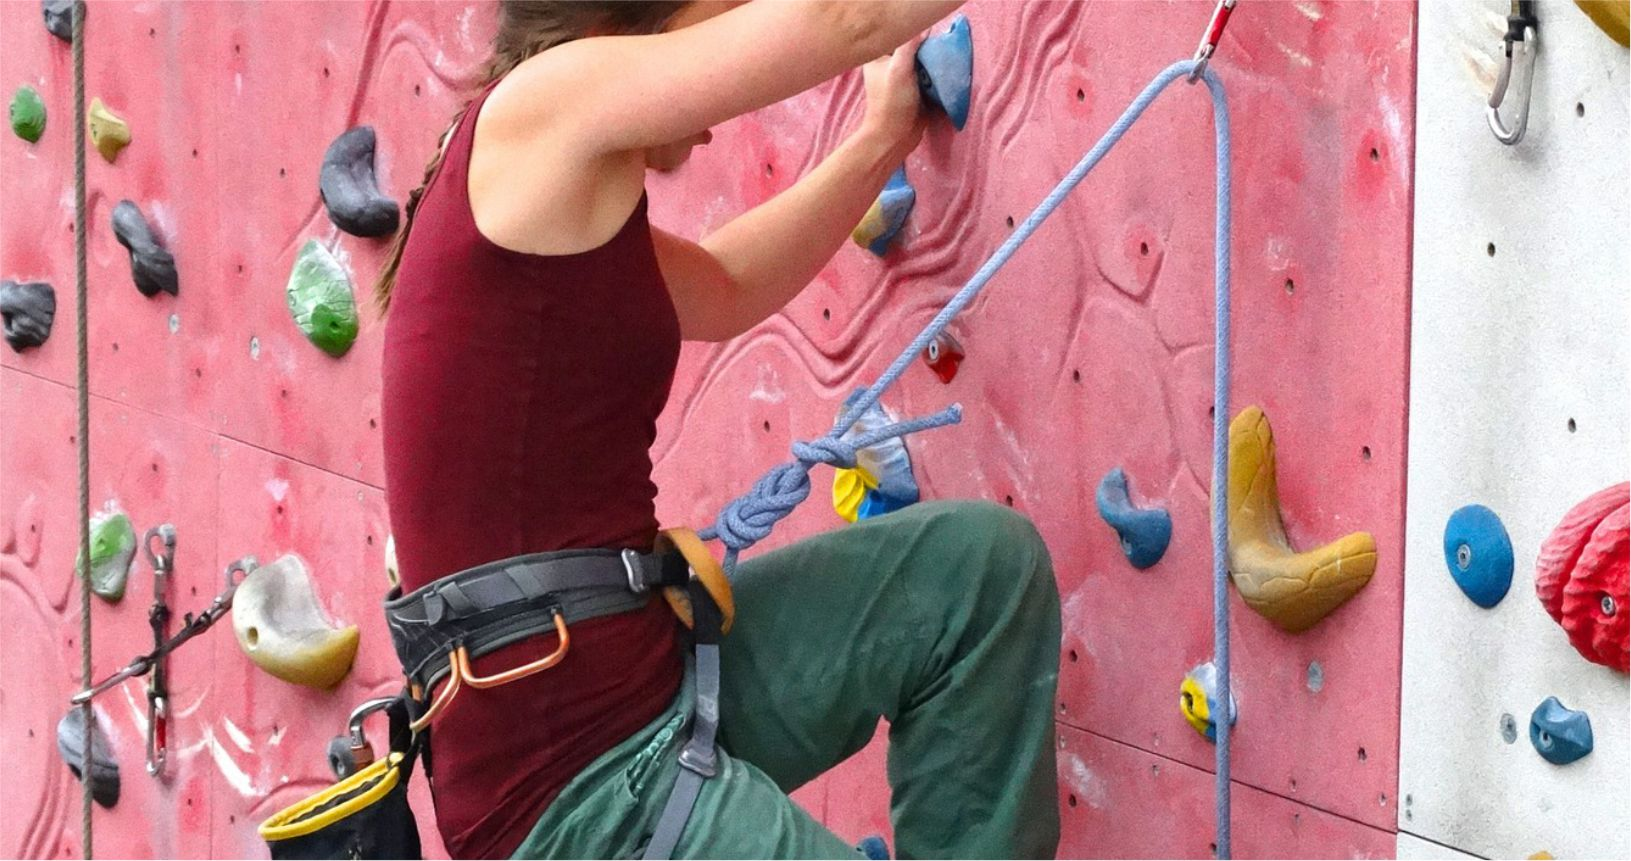 wild-x-wall-climbing-slide3